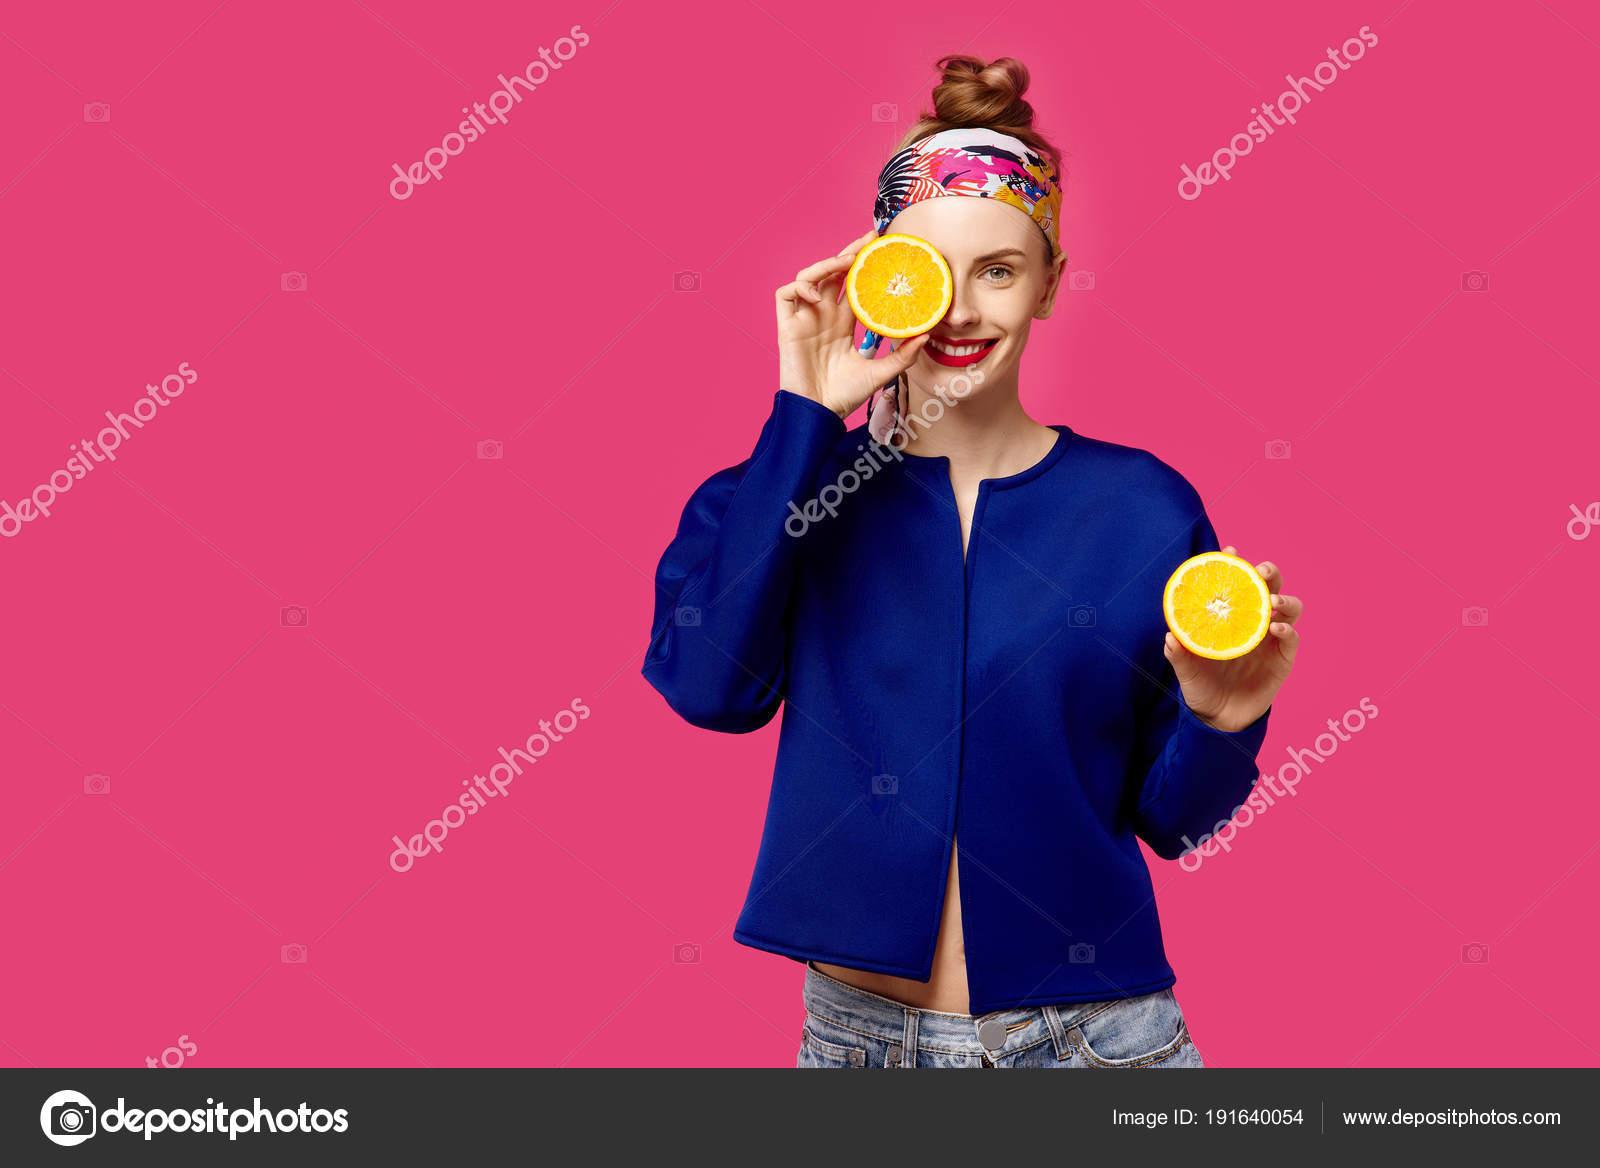 9039caa884b Mladá žena na růžovém pozadí drží řez oranžové v ruce a smích. Barevný  koncept posedlost. Minimalistický styl. Stylové Trendy — Fotografie od  khmelev